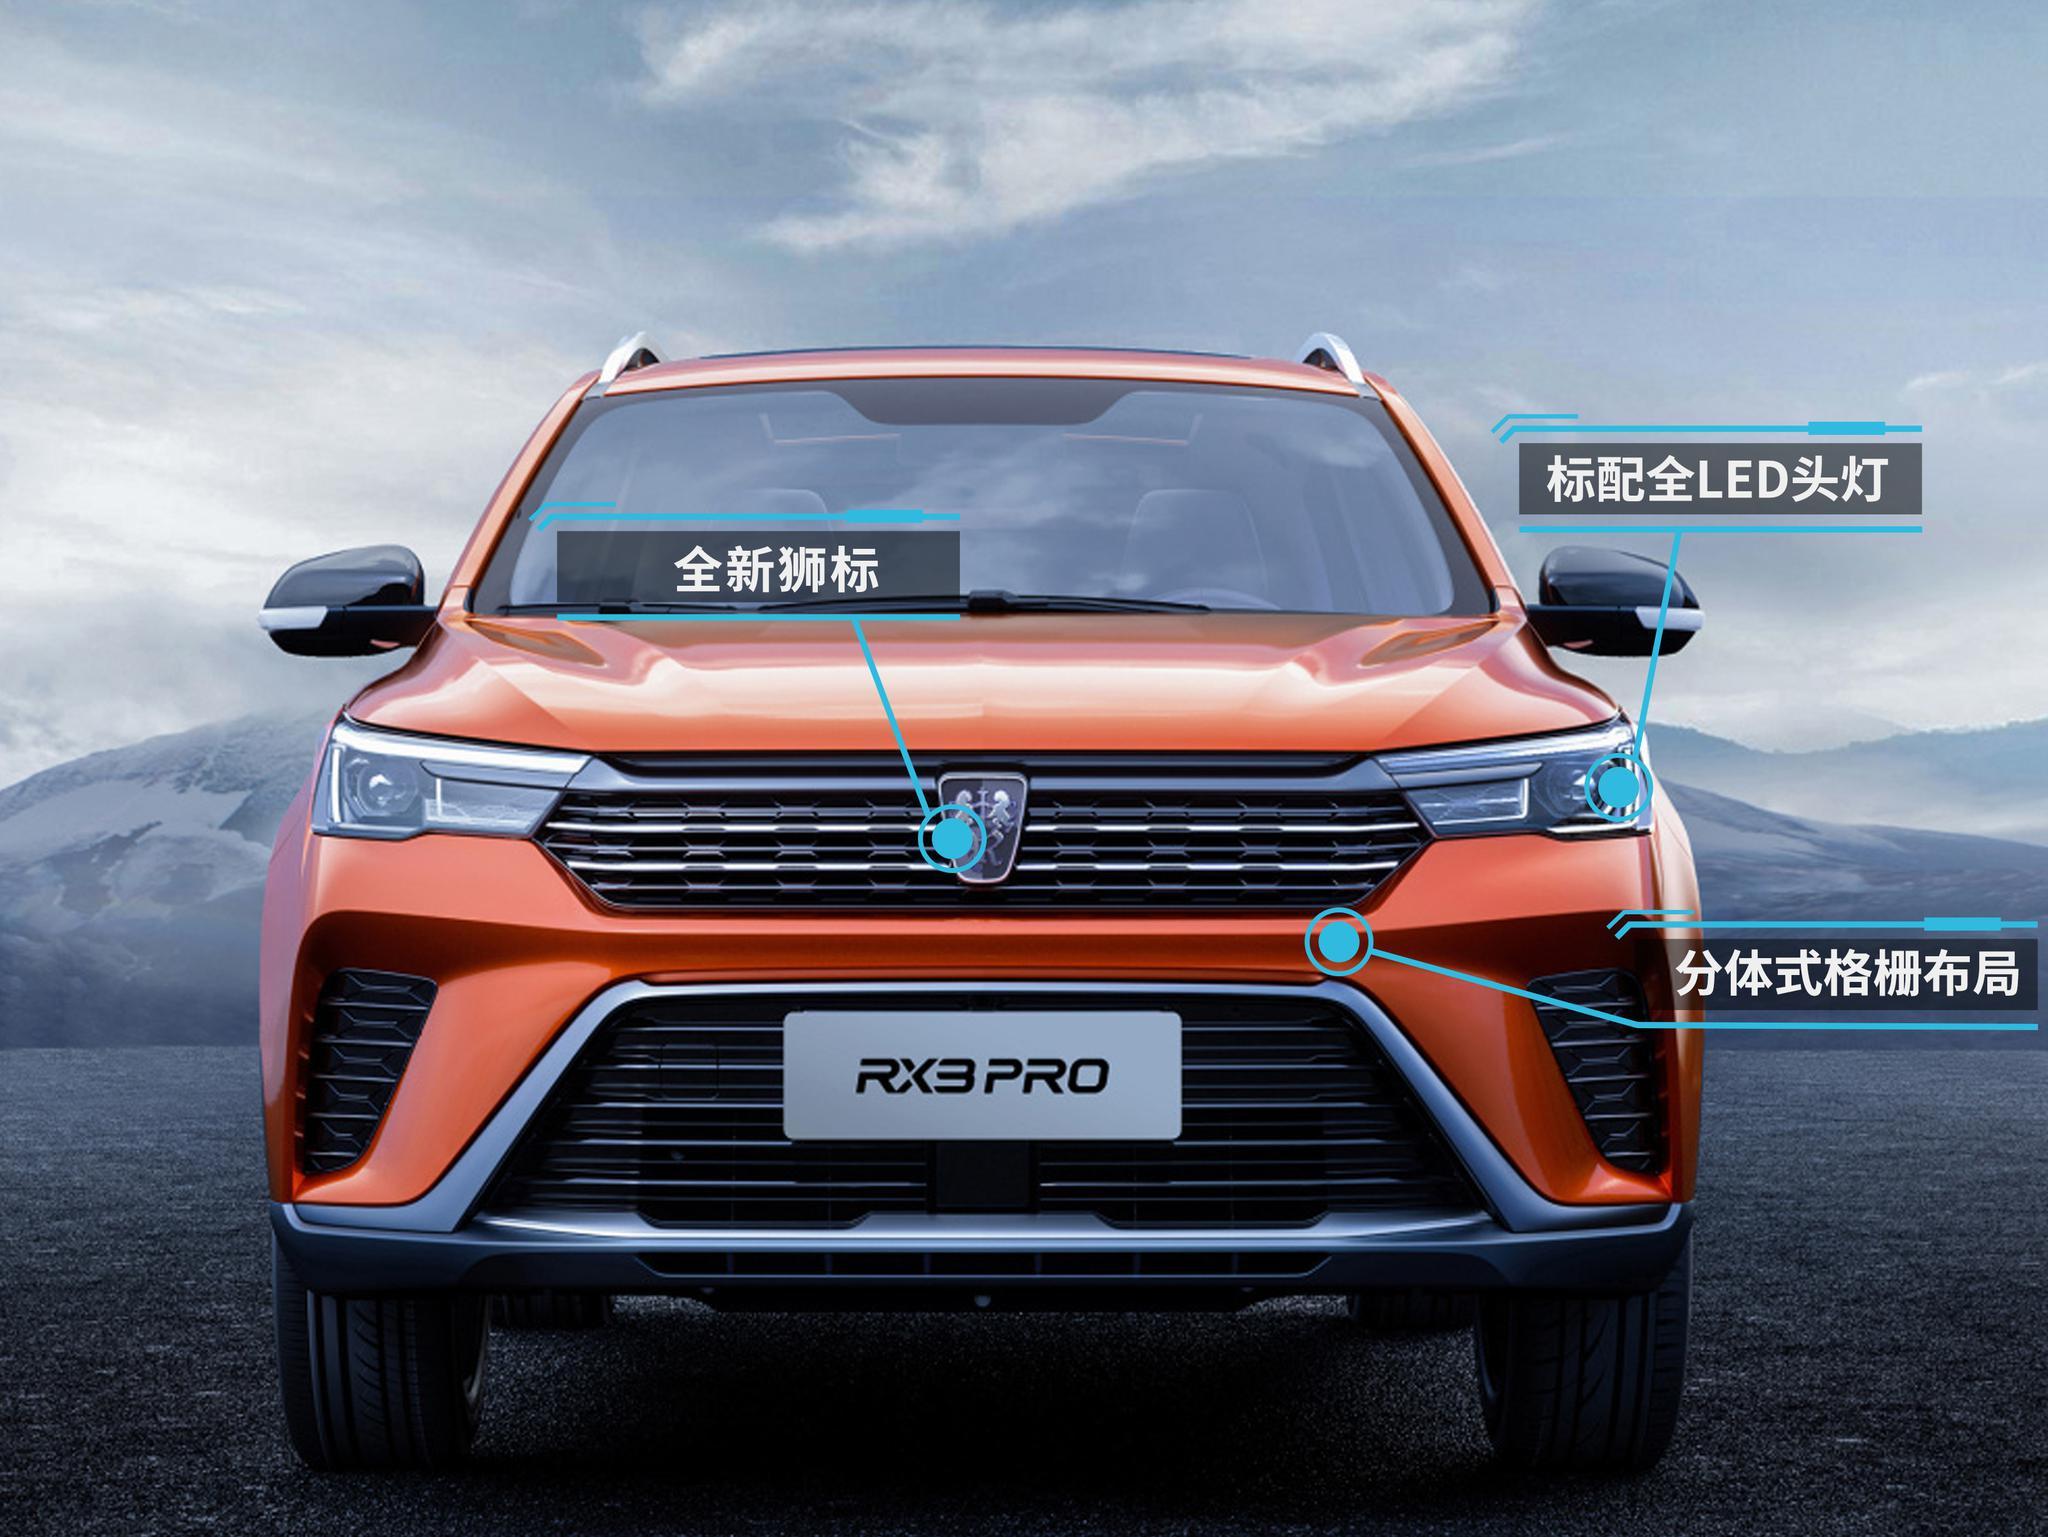 新设计/新配色 荣威小型SUV RX3 PRO官图发布